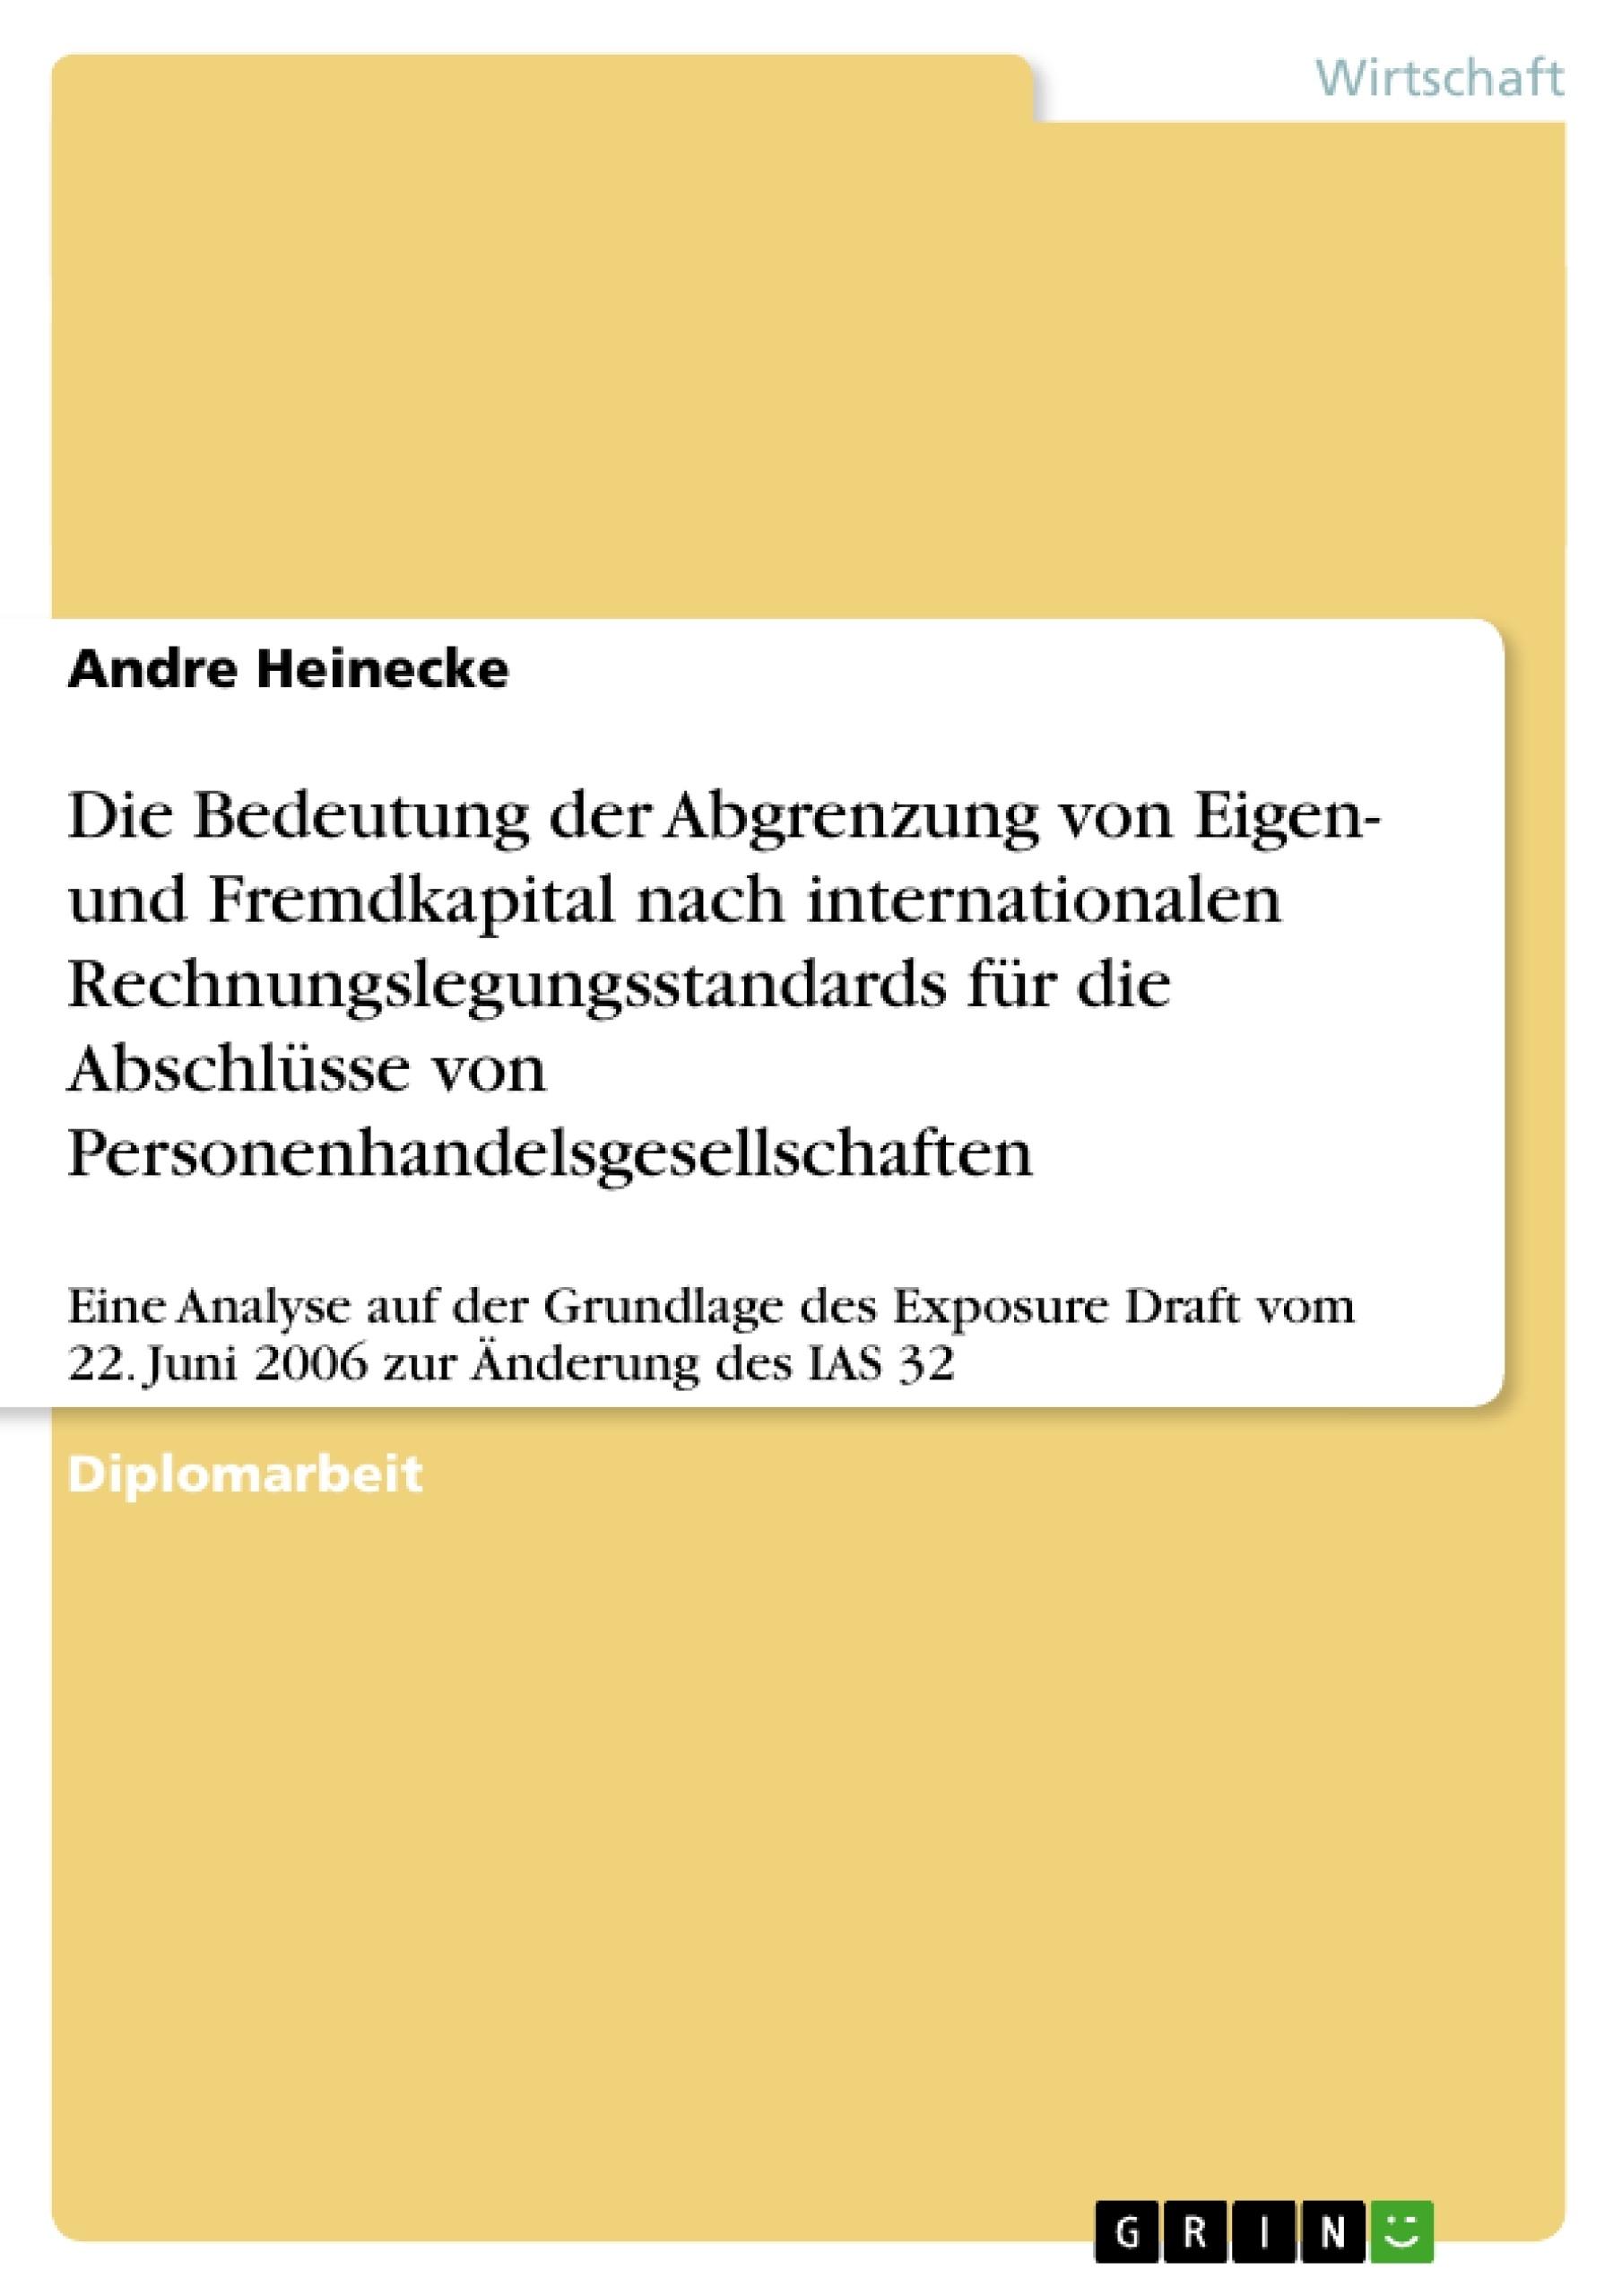 Titel: Die Bedeutung der Abgrenzung von Eigen- und Fremdkapital nach internationalen Rechnungslegungsstandards für die Abschlüsse von Personenhandelsgesellschaften